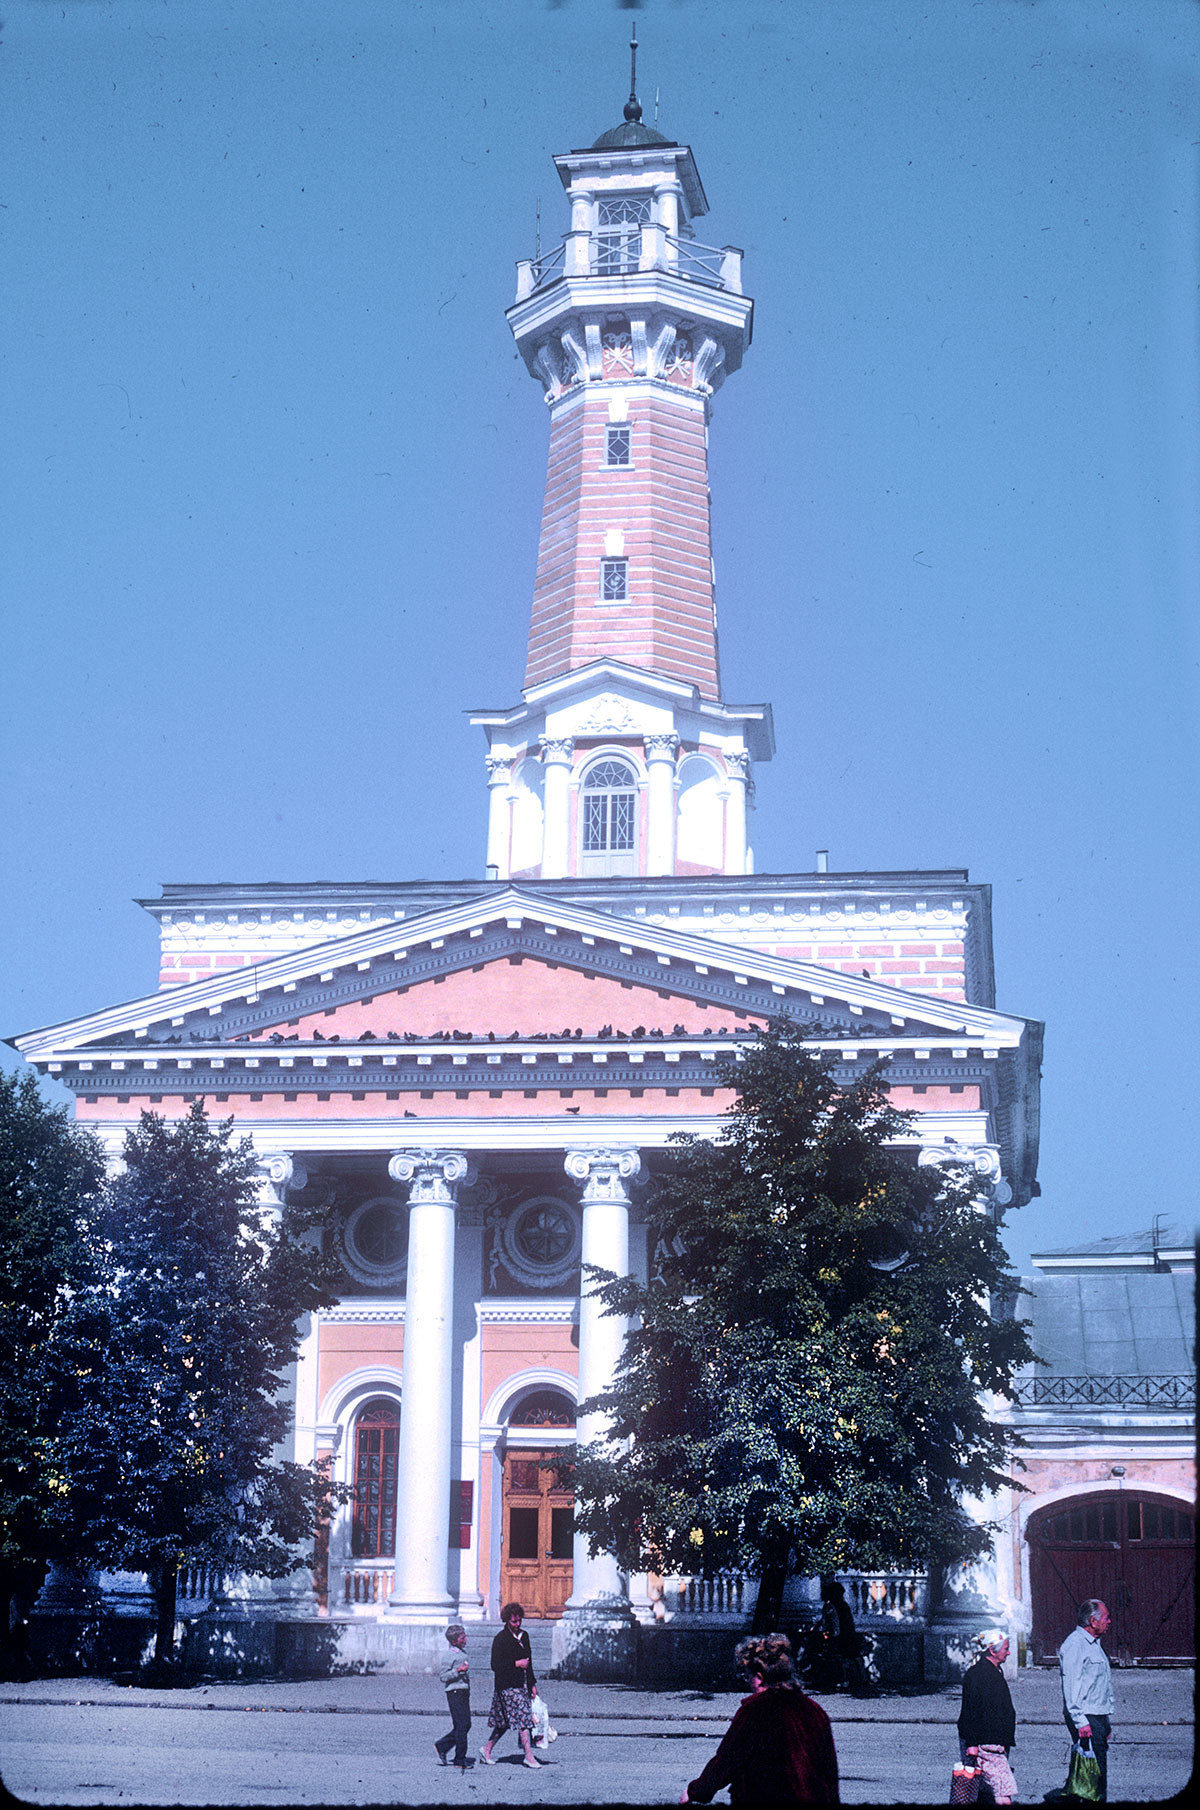 Požarni stolp in postaja, Susaninov trg. 22. avgust 1988